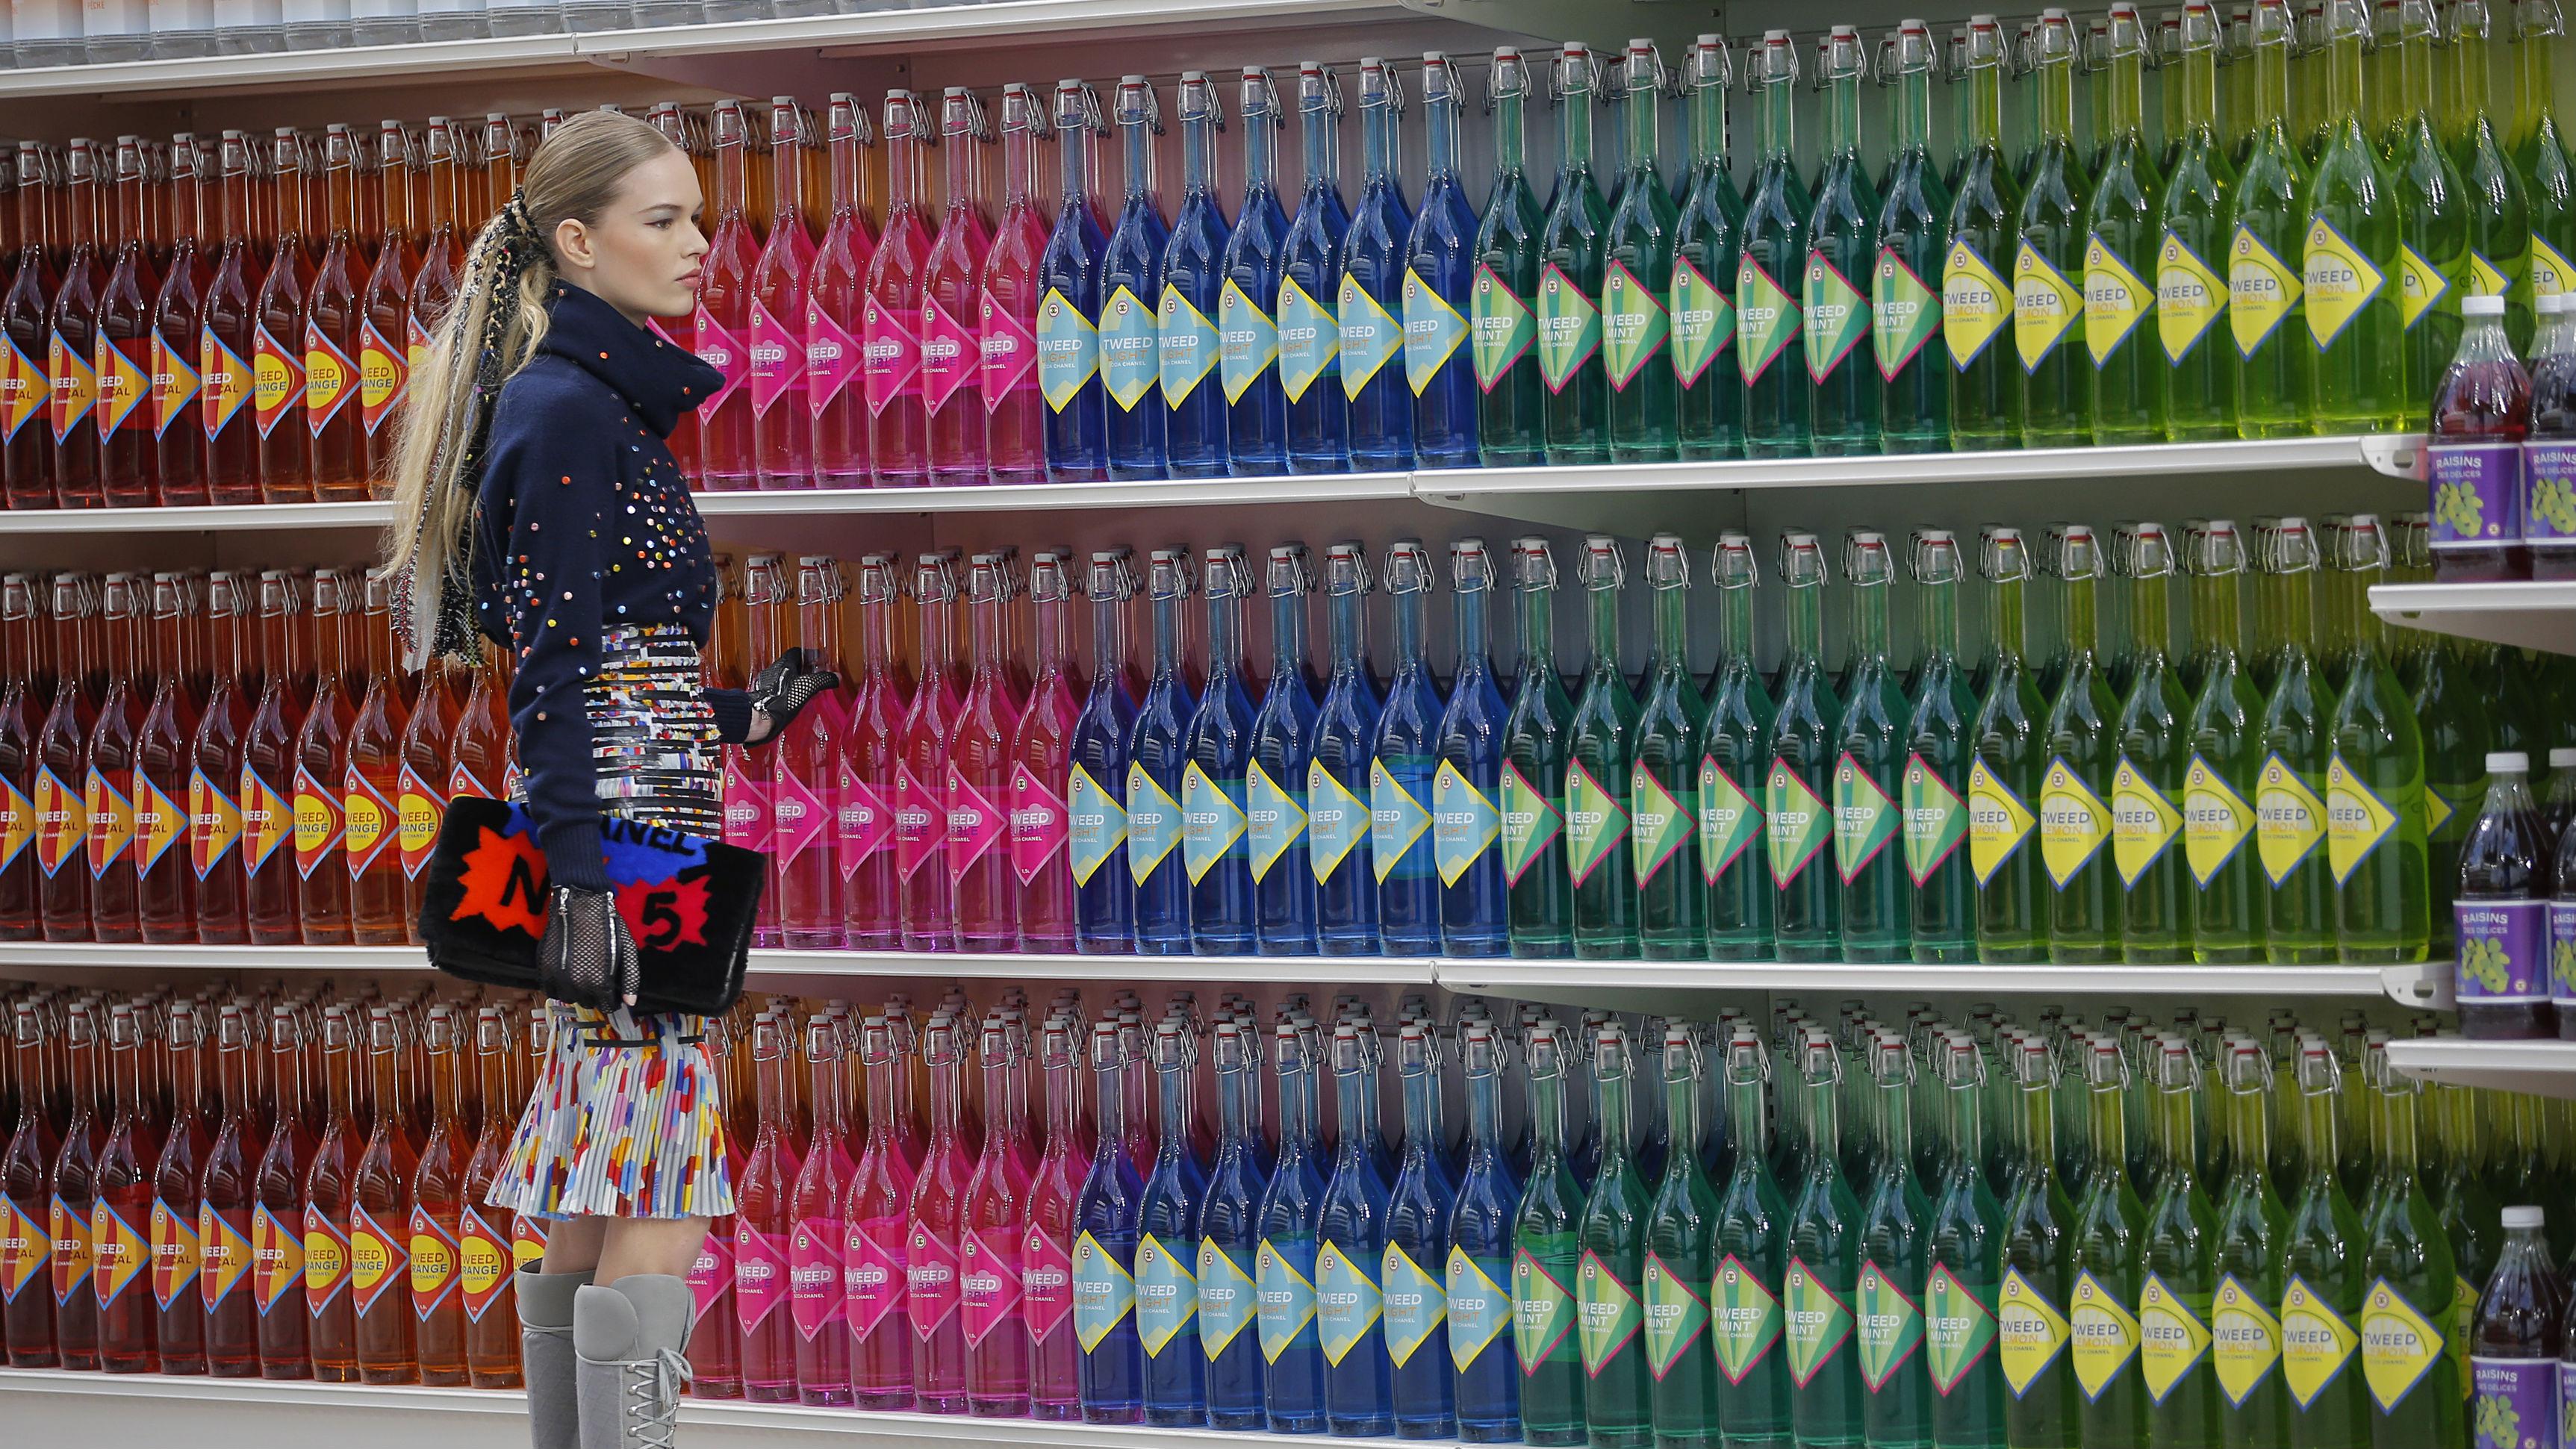 Millennial shopping